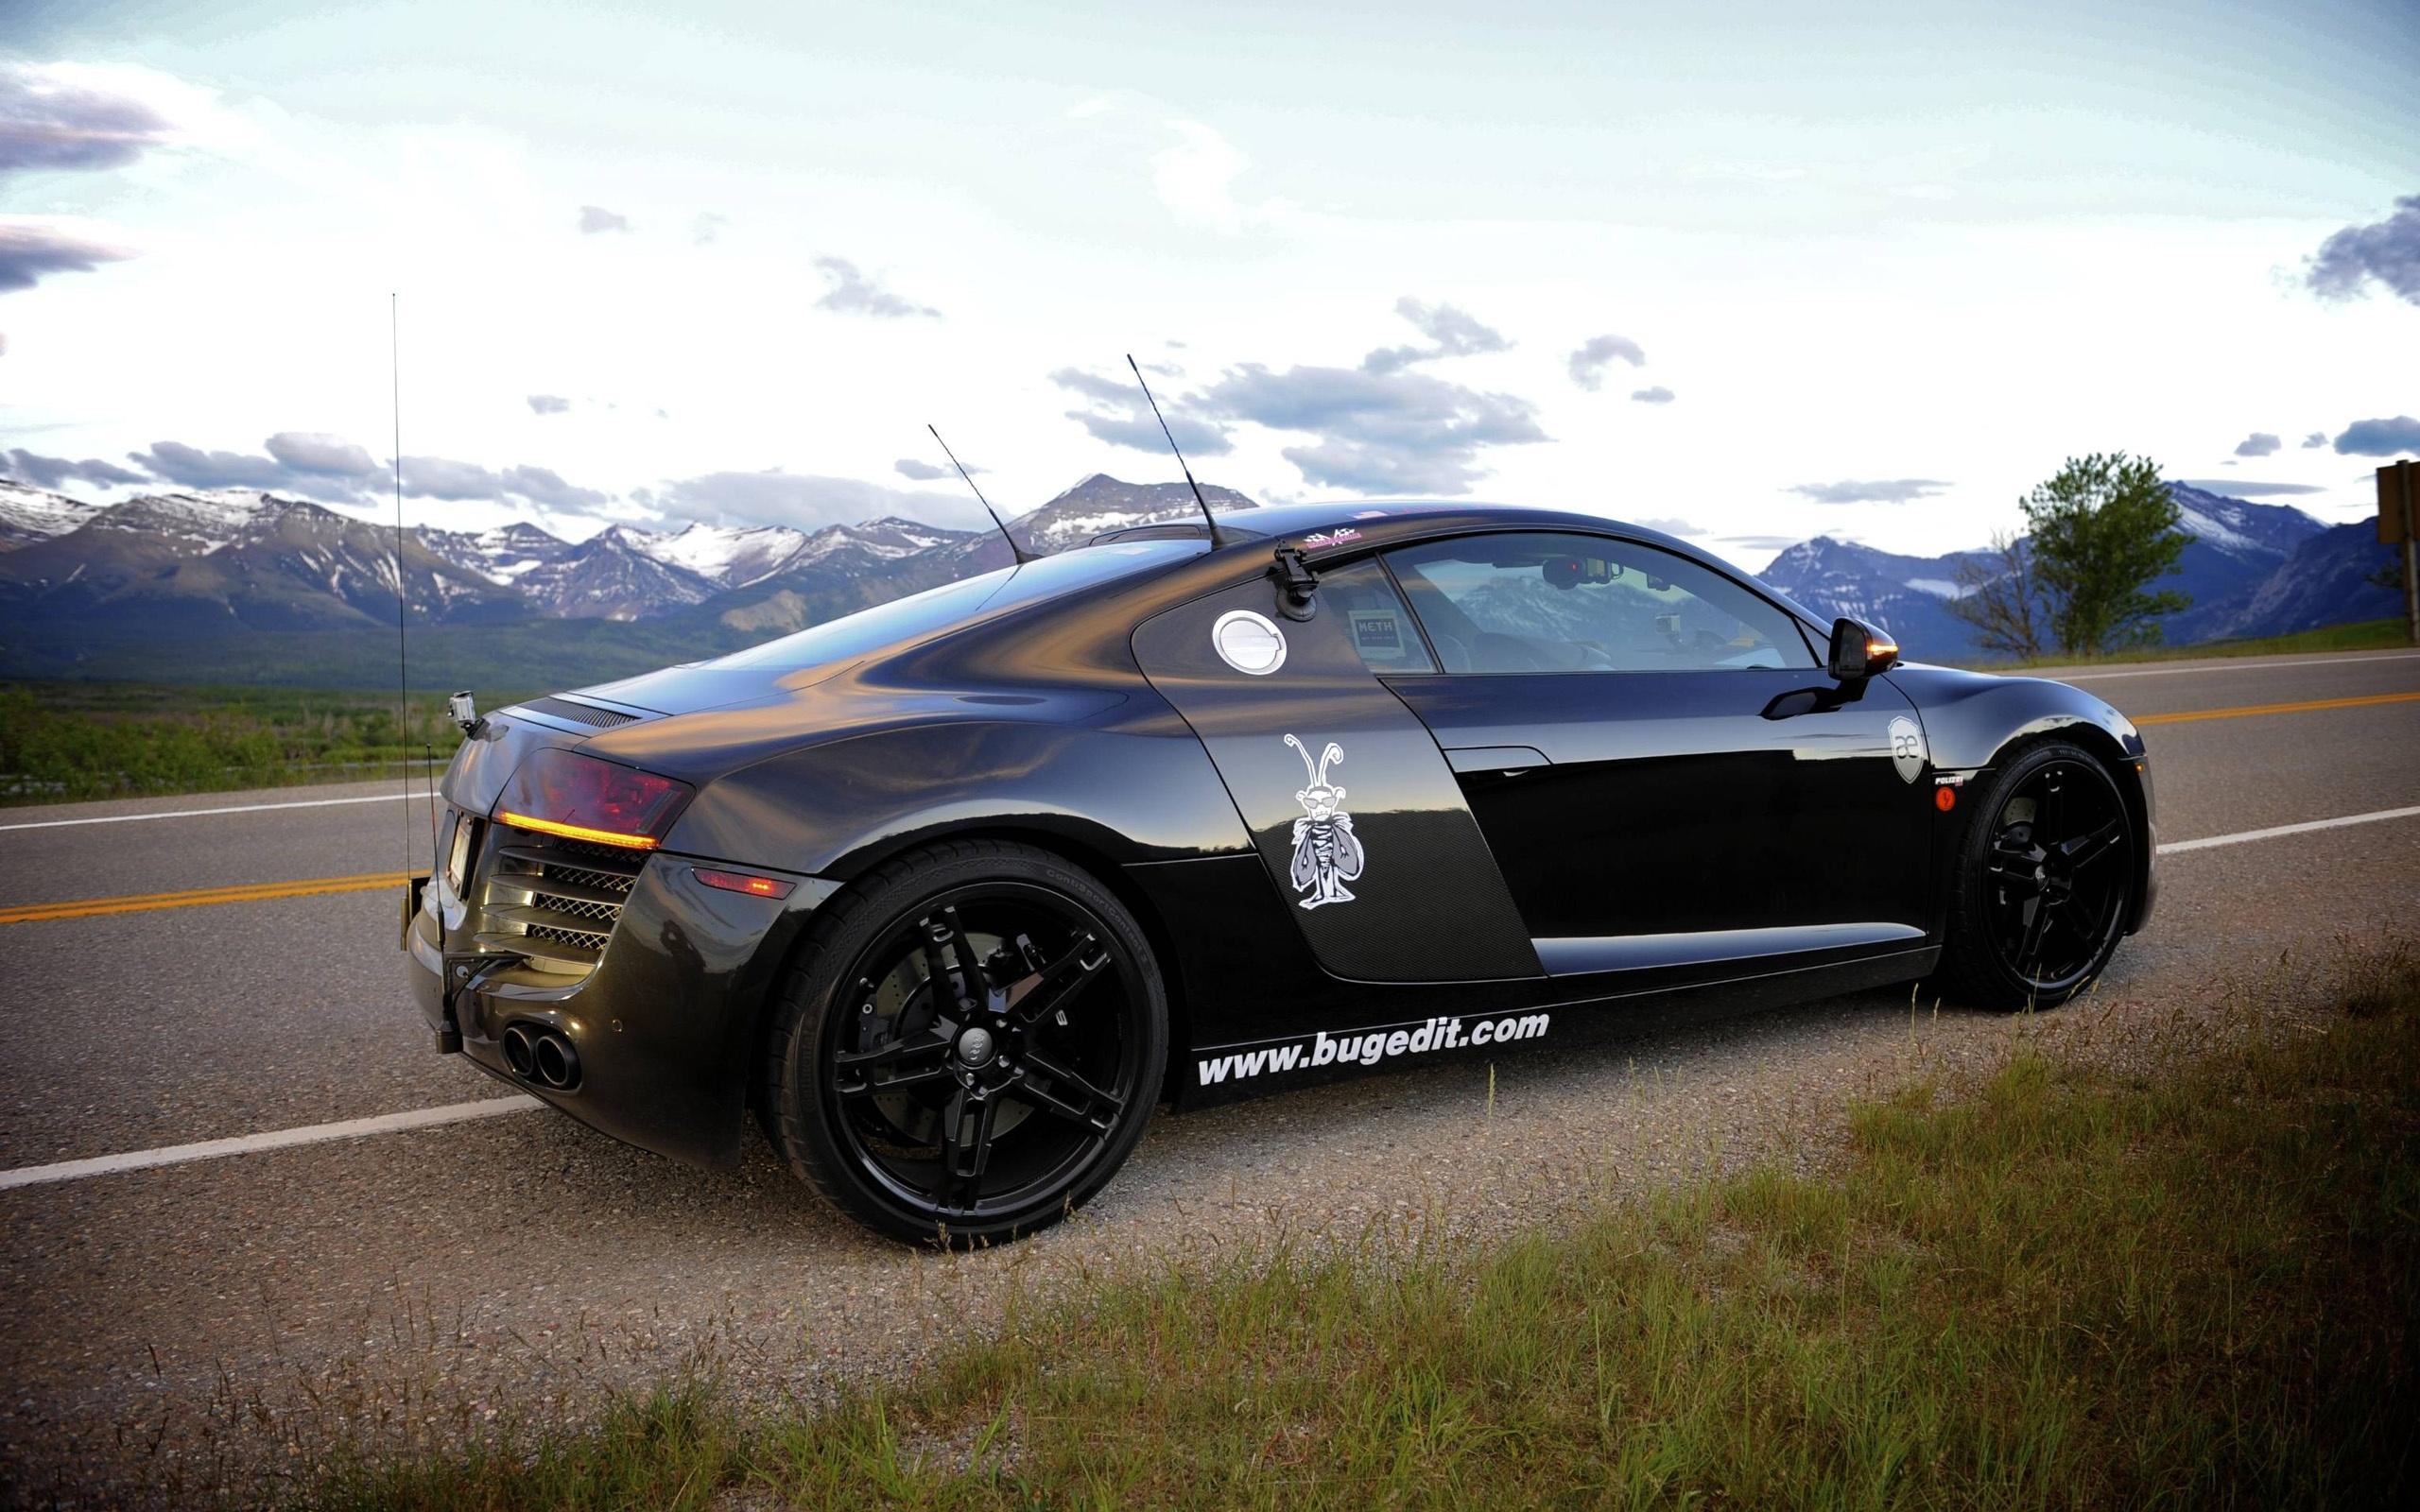 Fonds Décran Audi R8 Voiture Sport 2560x1600 Hd Image